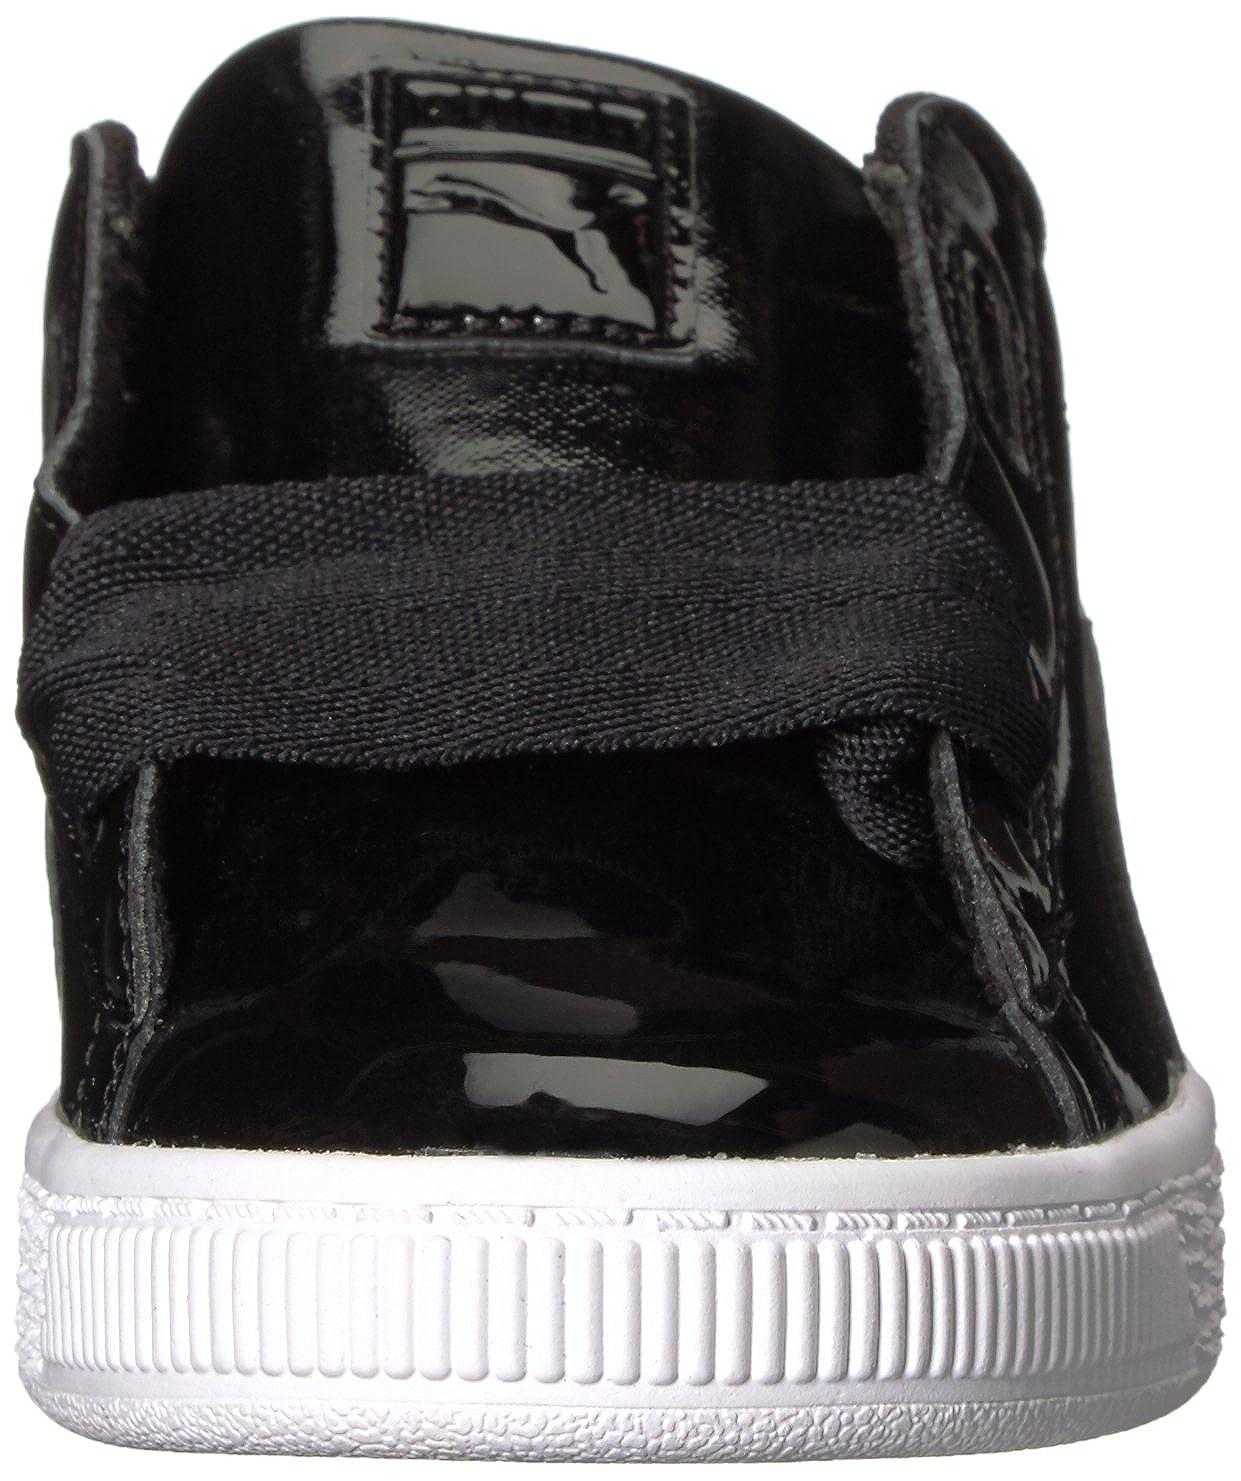 5a73b6530d76 PUMA Girls  Basket Heart Patent PS Sneaker